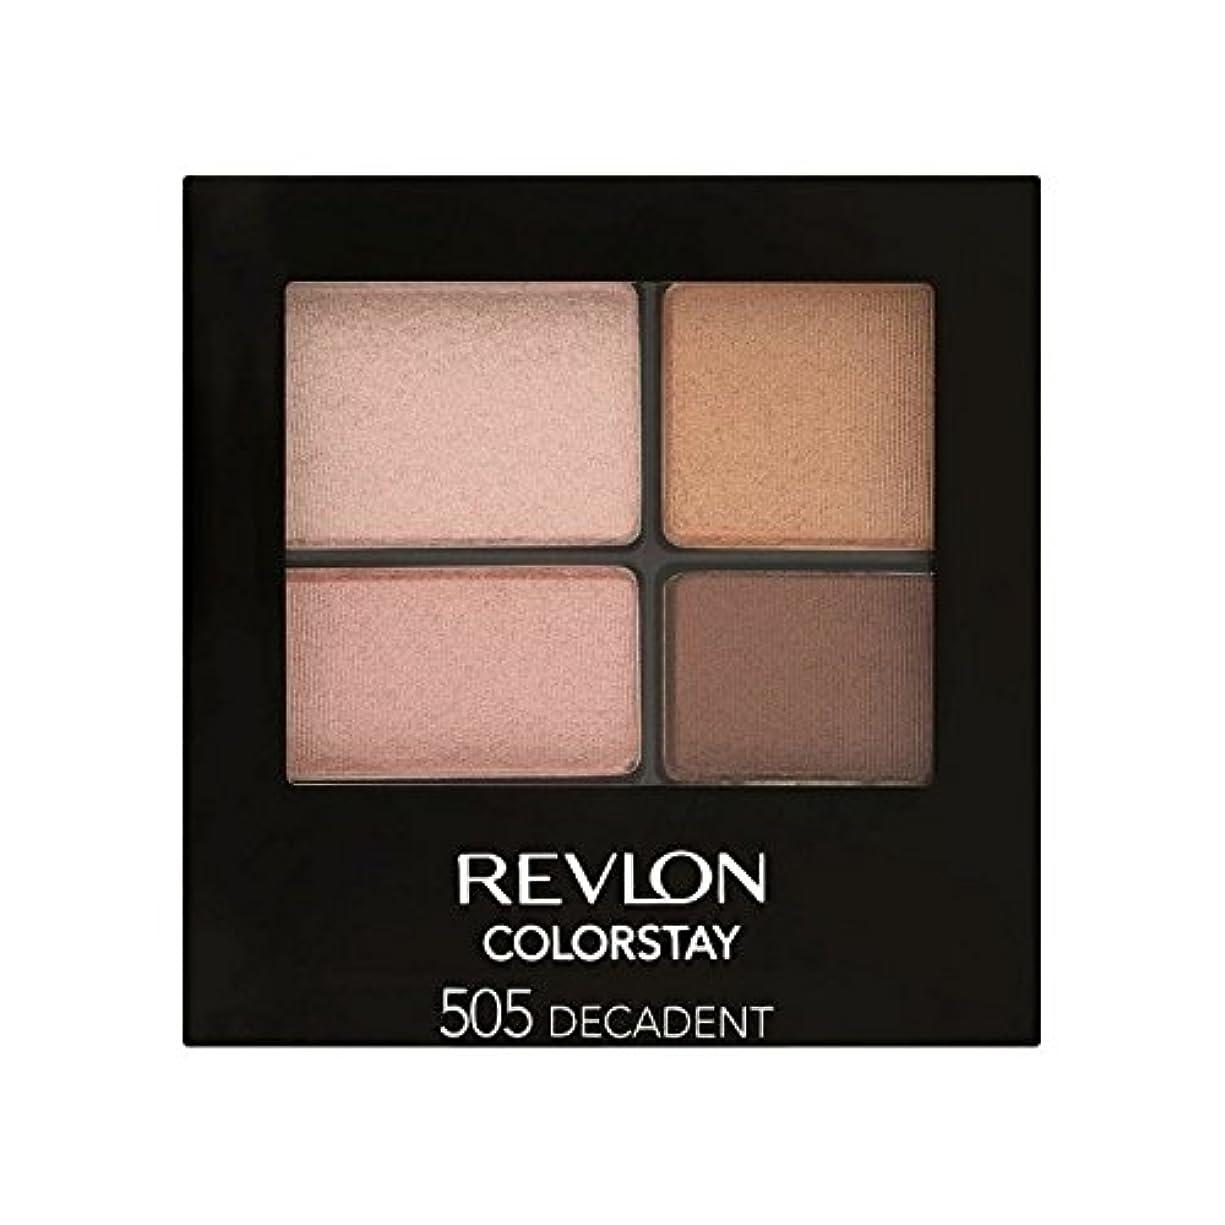 アメリカ横向きゆるくレブロン 16時間のアイシャドウ退廃505 x4 - Revlon Colorstay 16 Hour Eye Shadow Decadent 505 (Pack of 4) [並行輸入品]